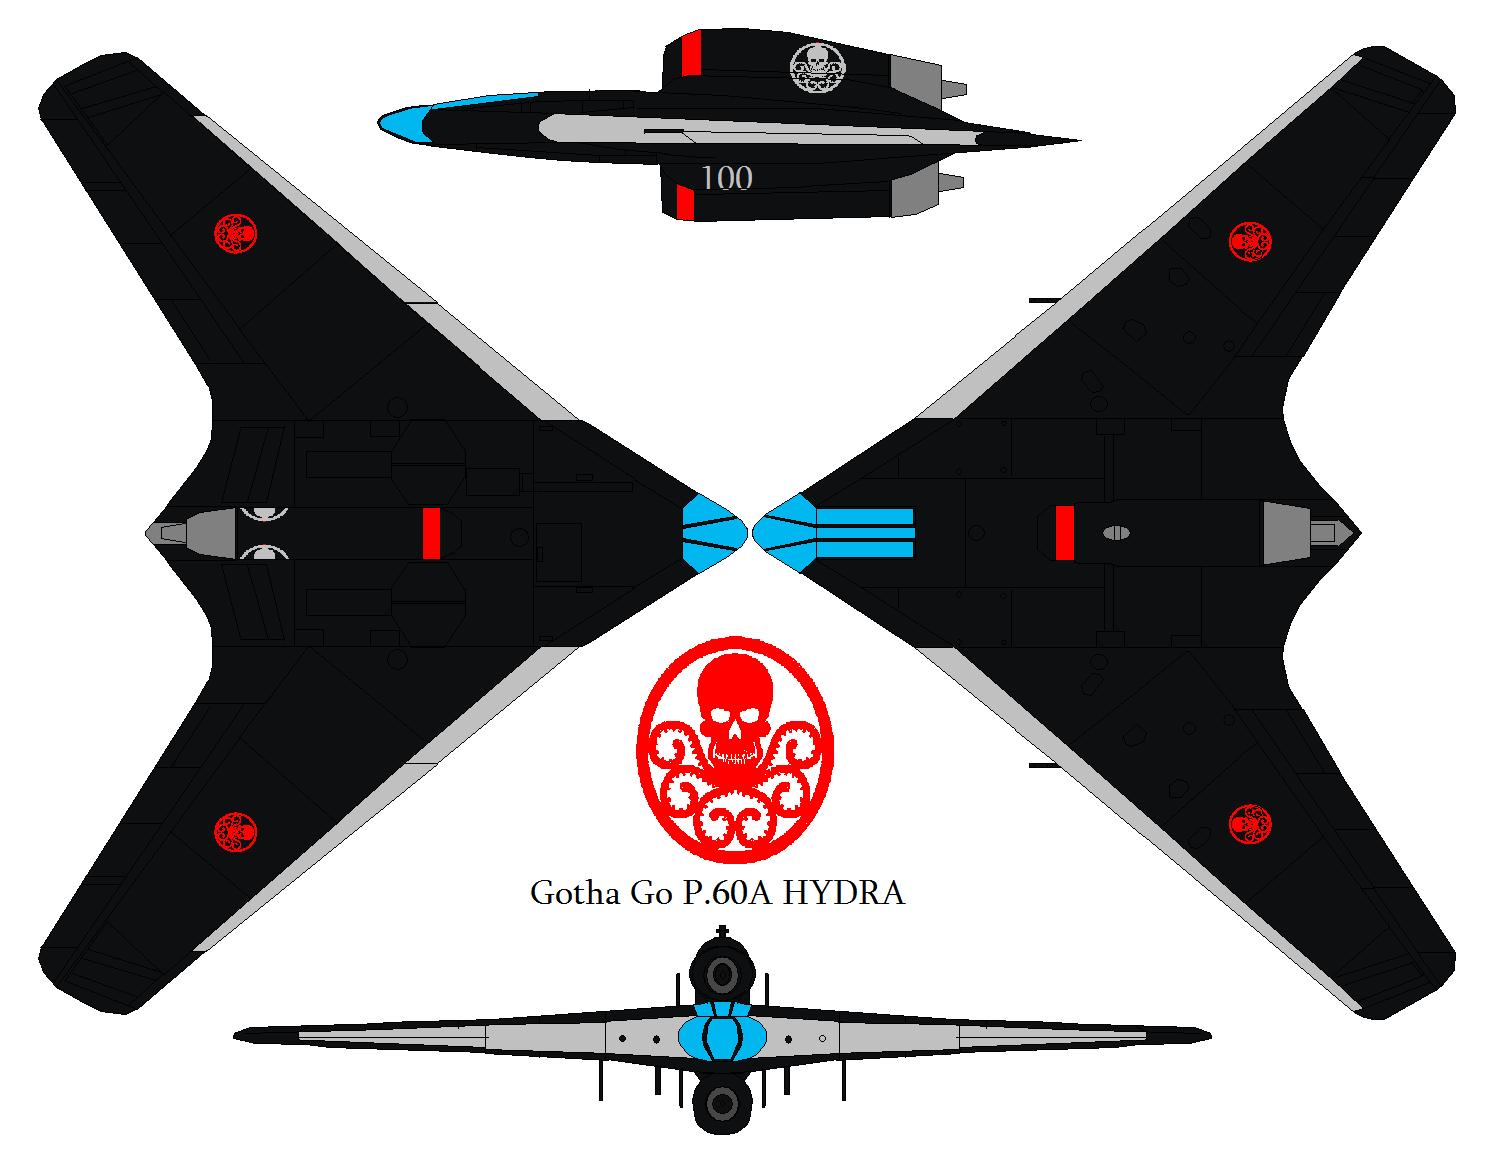 Gotha Go P.60A HYDRA by bagera3005